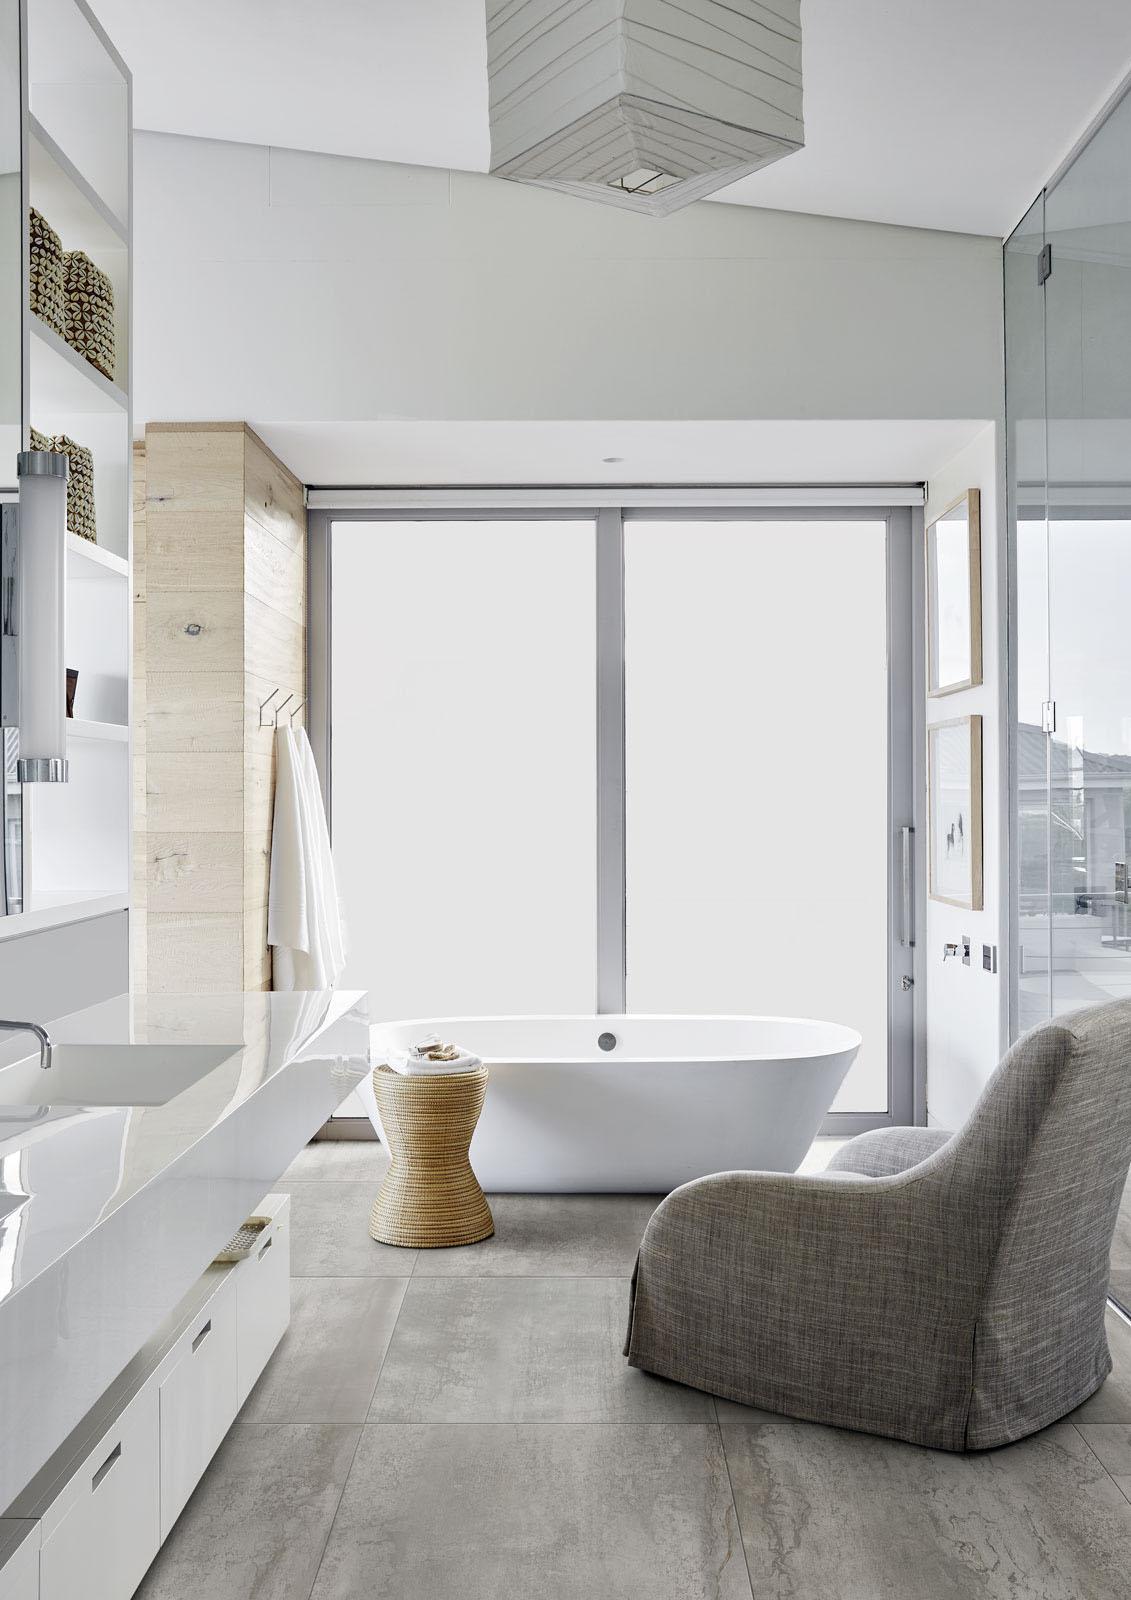 Scegliere i rivestimenti bagno 10 idee per abbinare i materiali nel 2019 - Ceramiche per bagno marazzi ...